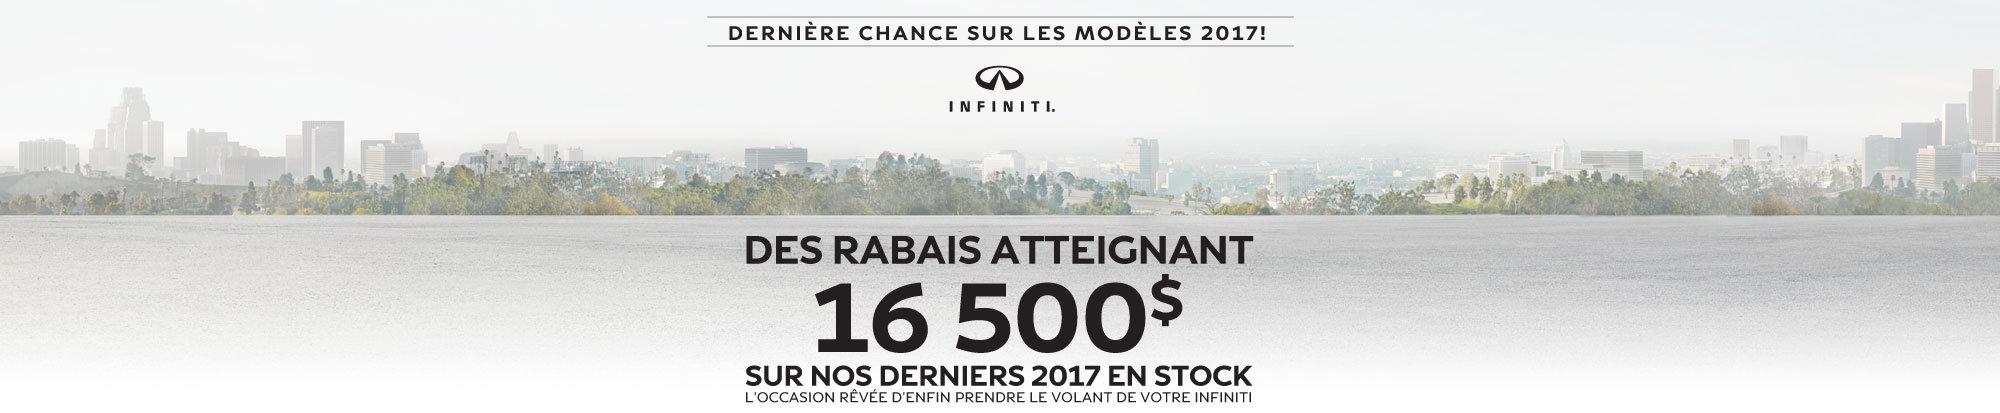 Dernière chance sur les modèles 2017 web